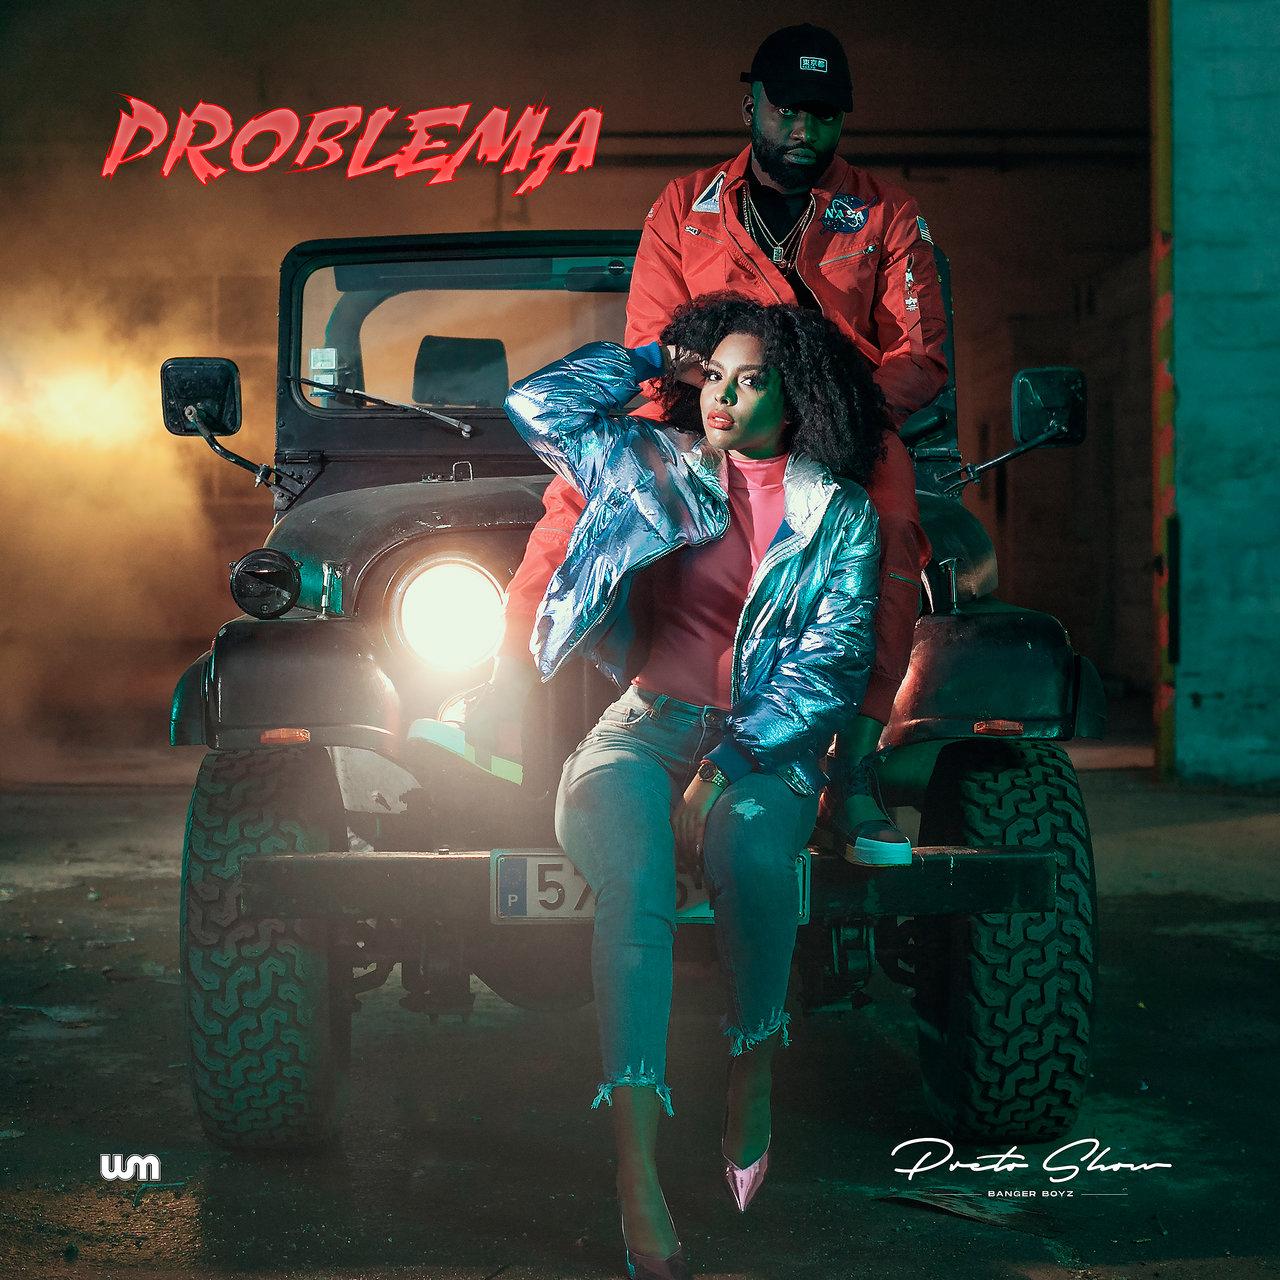 Preto Show - Problema (Cover)